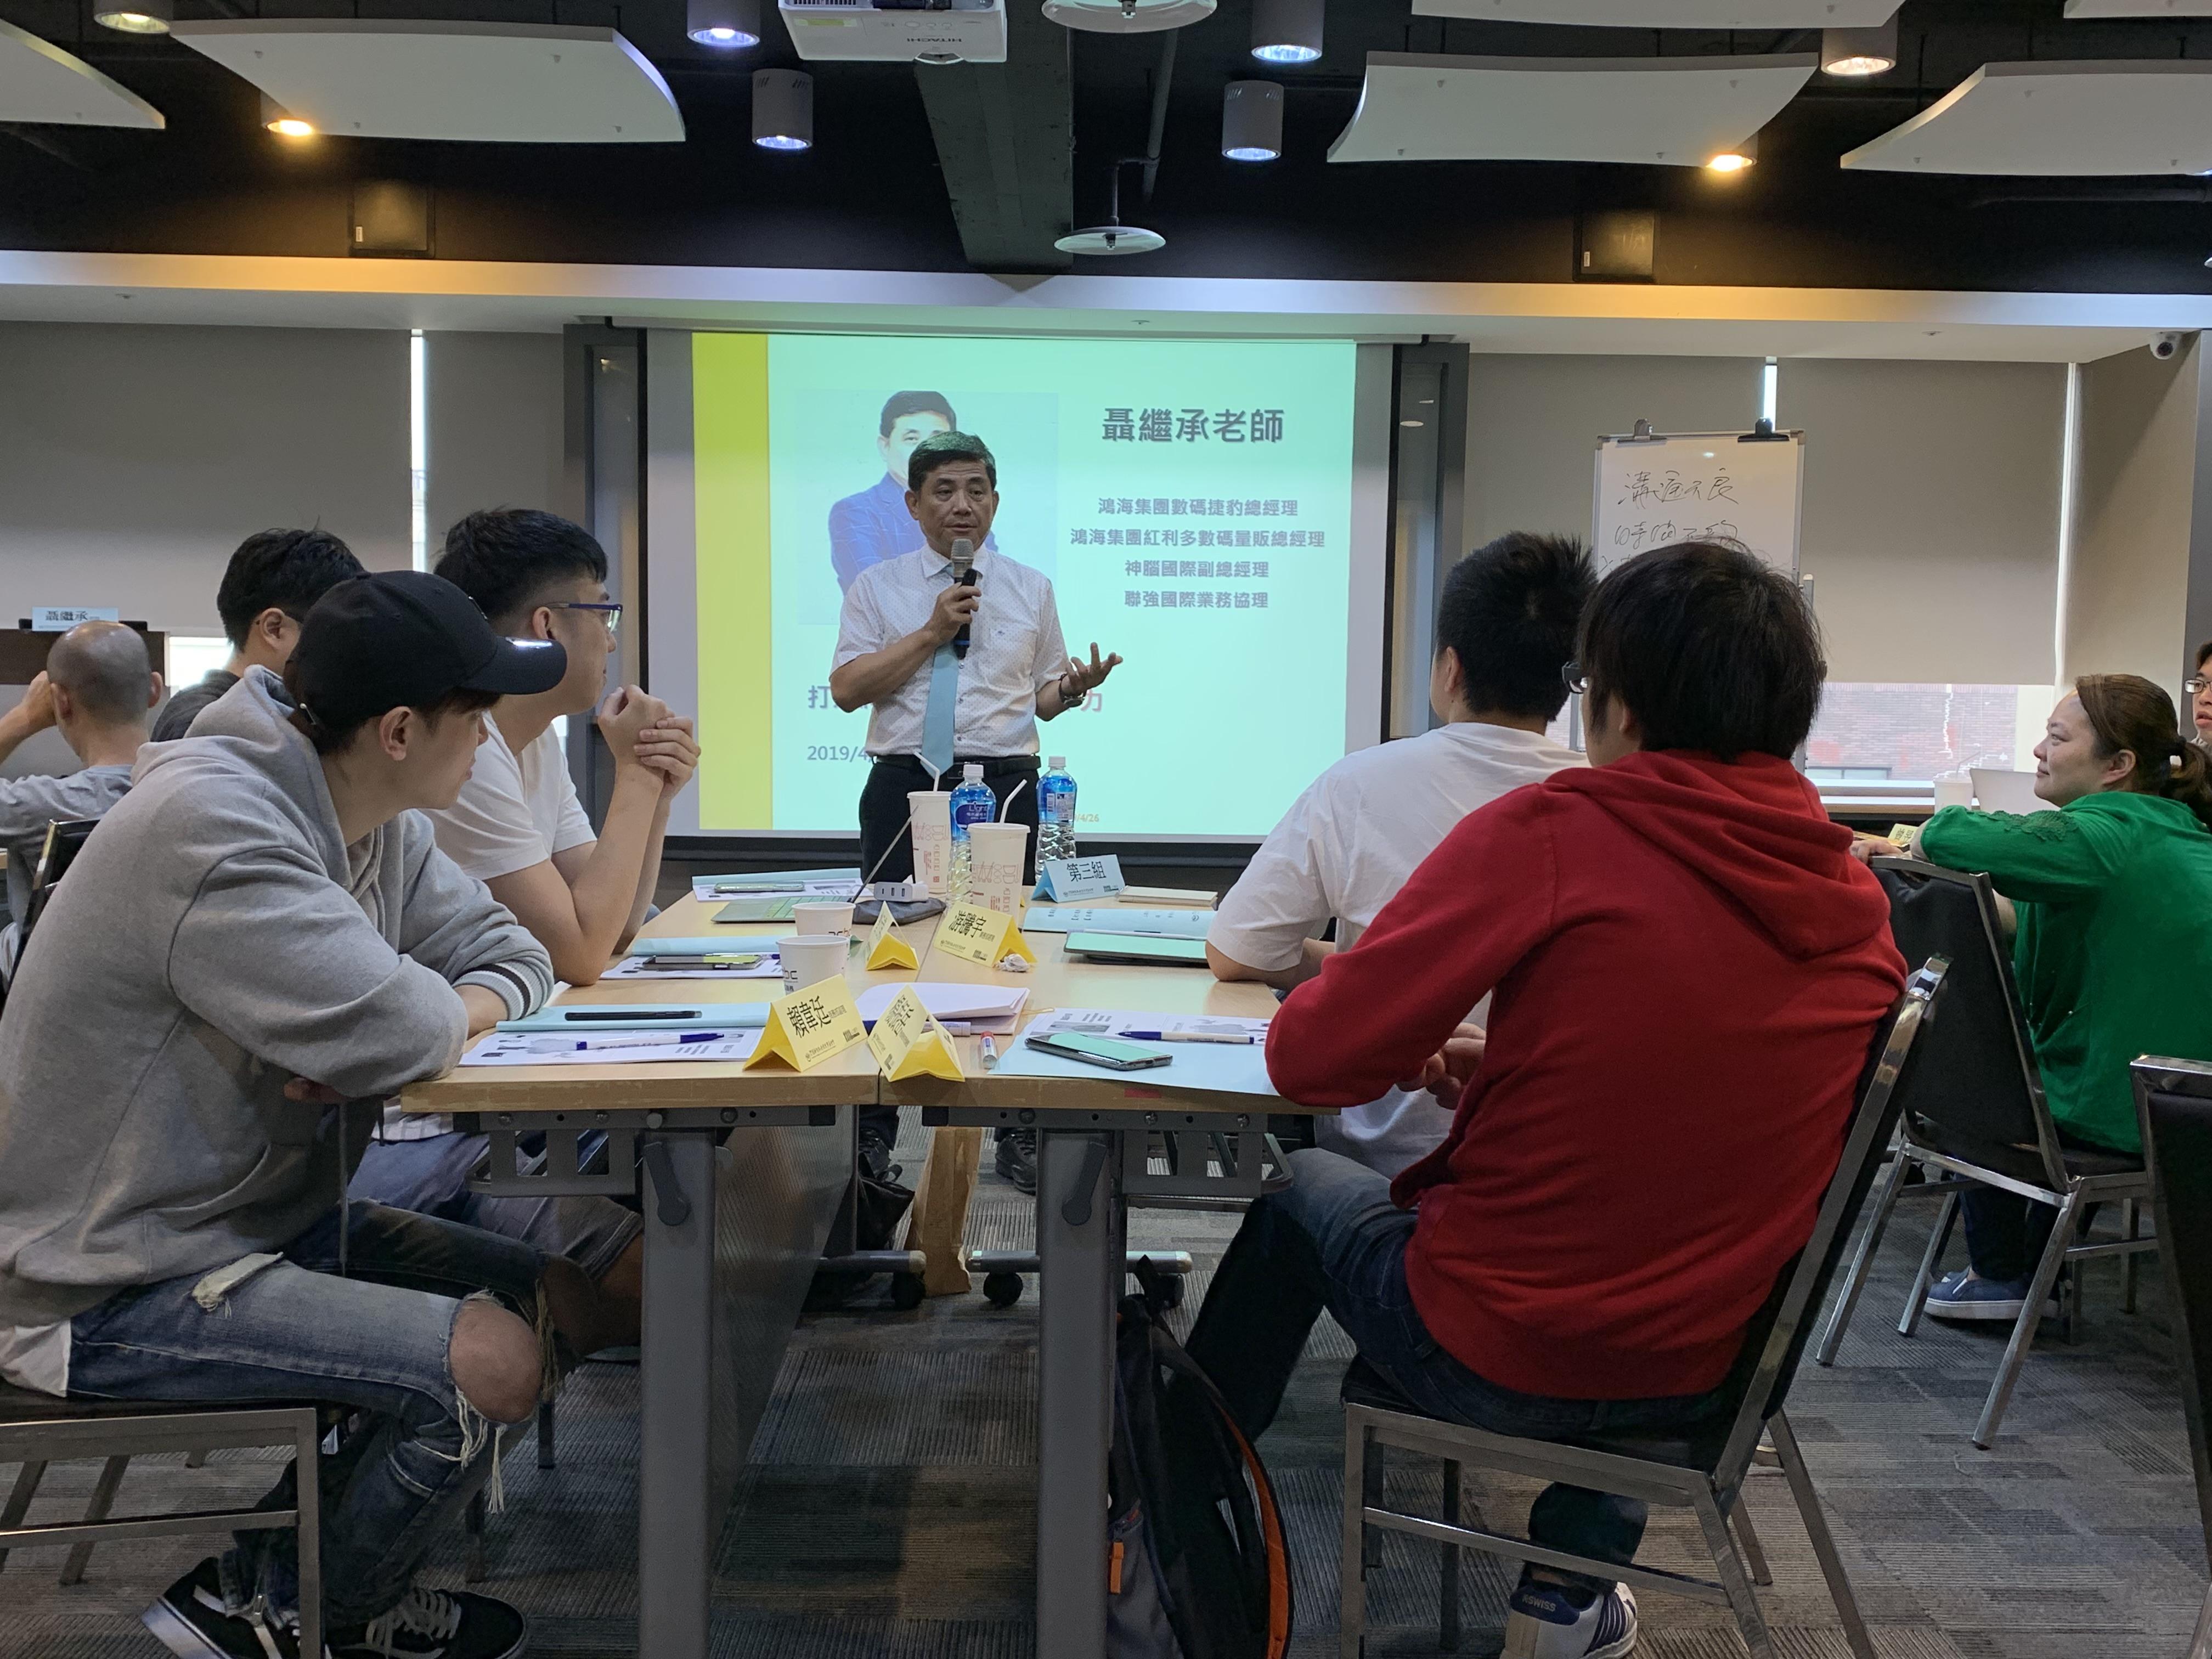 【企業內訓影片】香港商真好玩科技台灣分公司-打造將才基因~團隊協作力